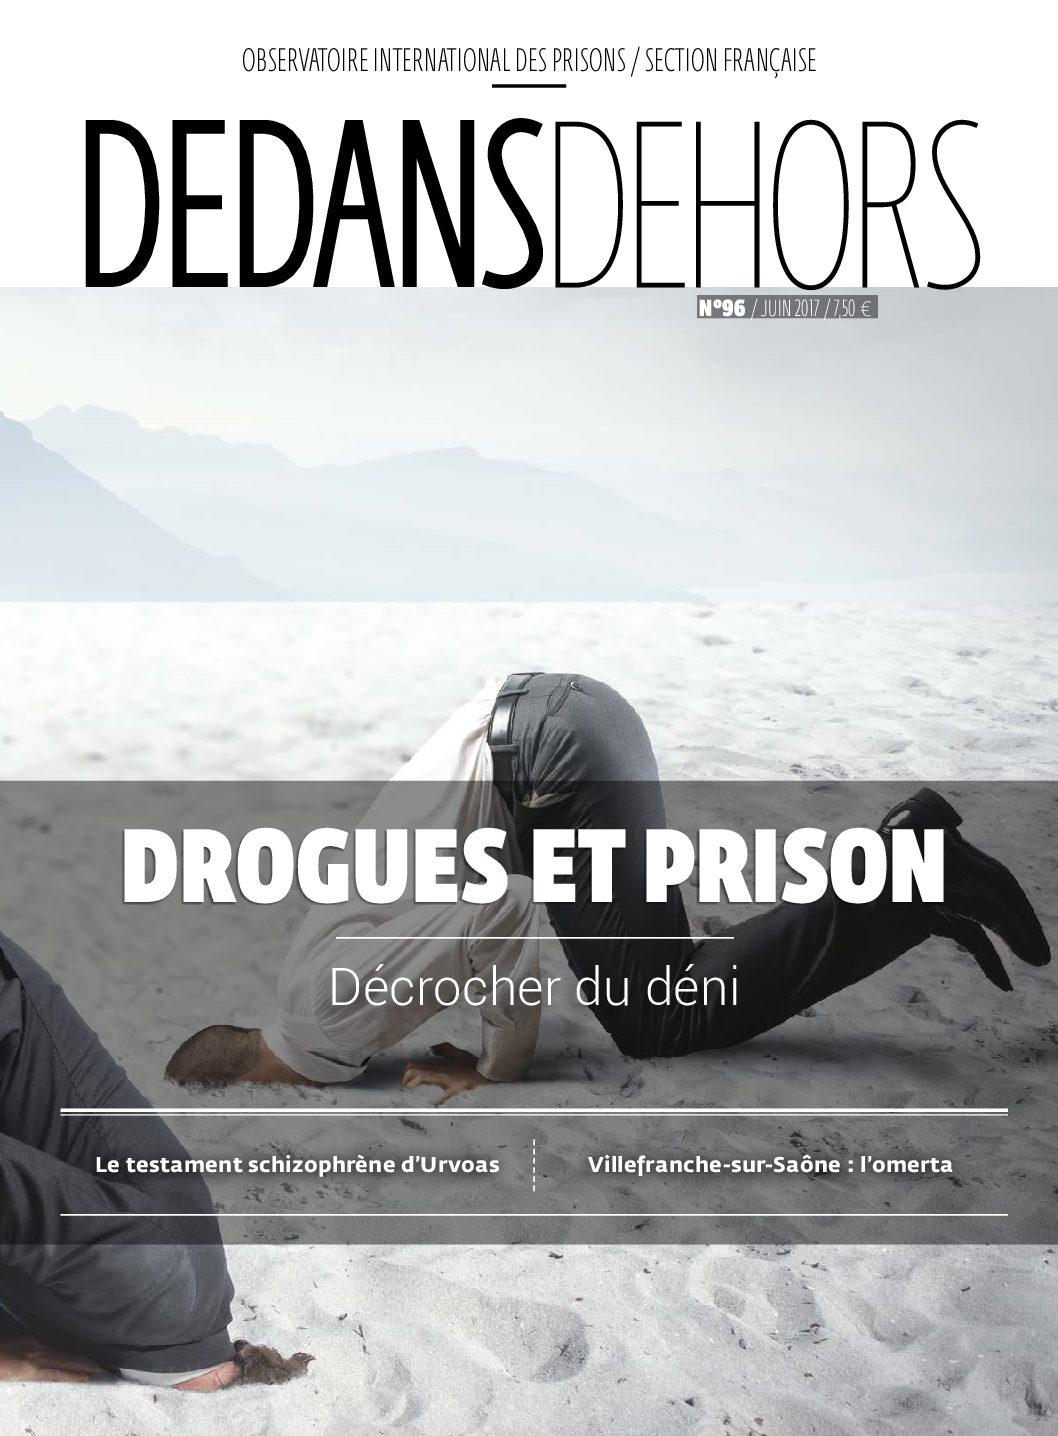 Drogues & prison : décrocher du déni